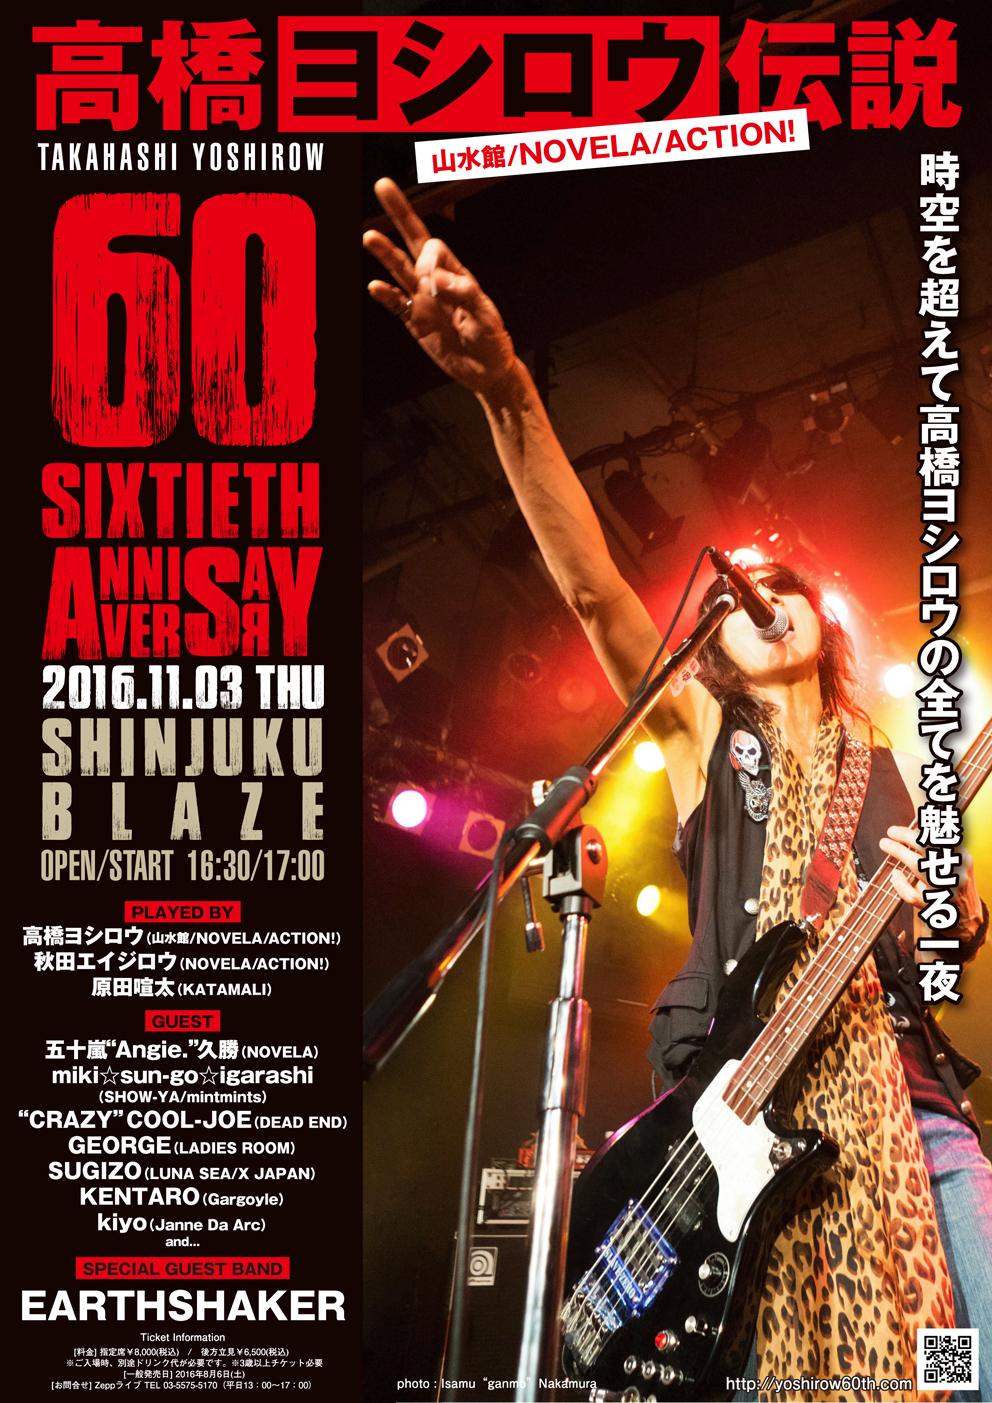 2016.11.03 SHINJUKU BLAZE (新宿)